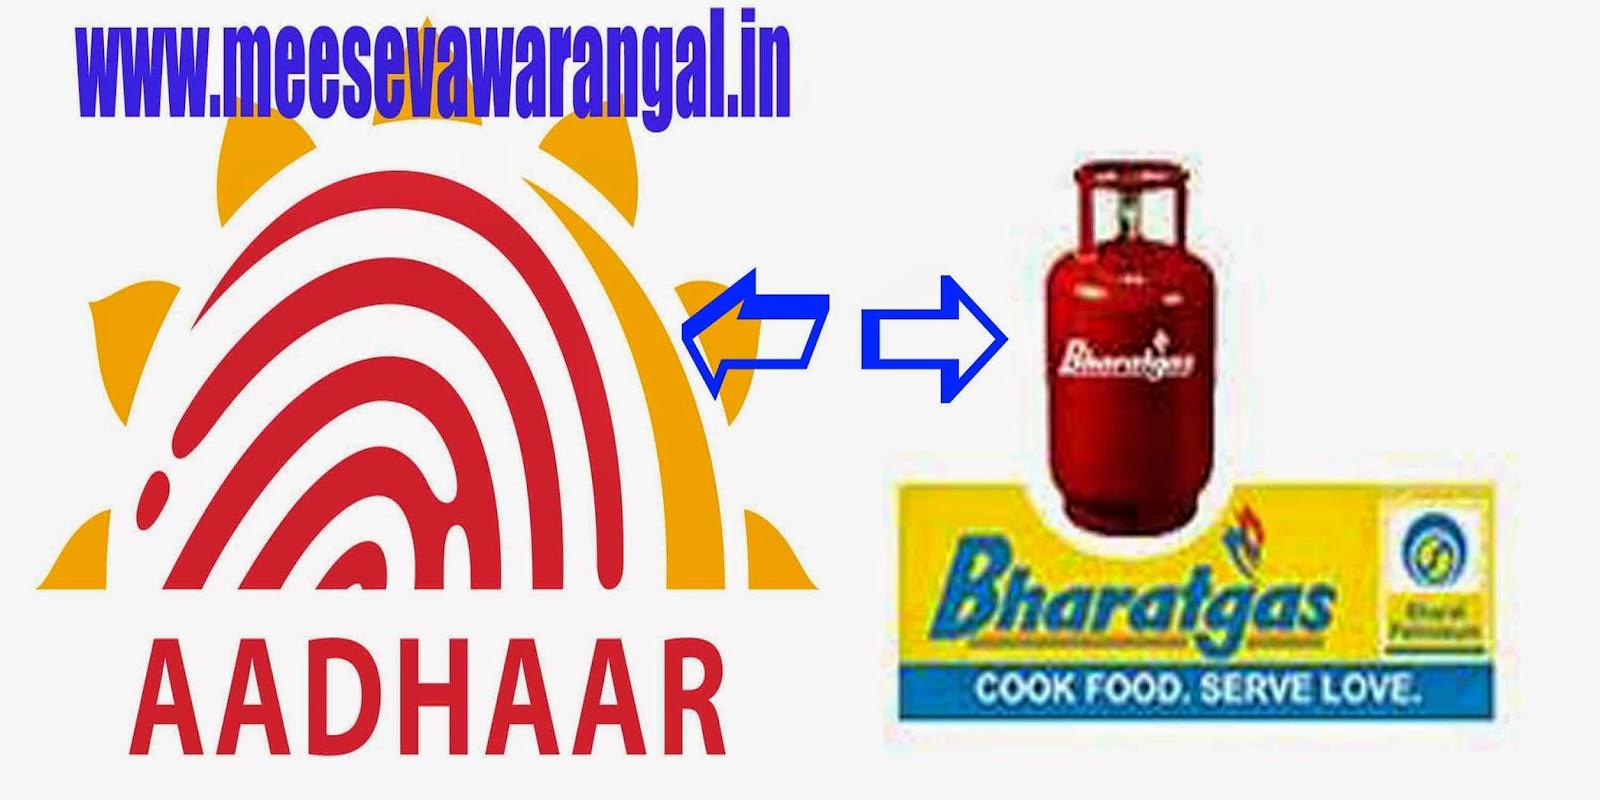 Aadhar Card to Bharat Gas LPG Linking